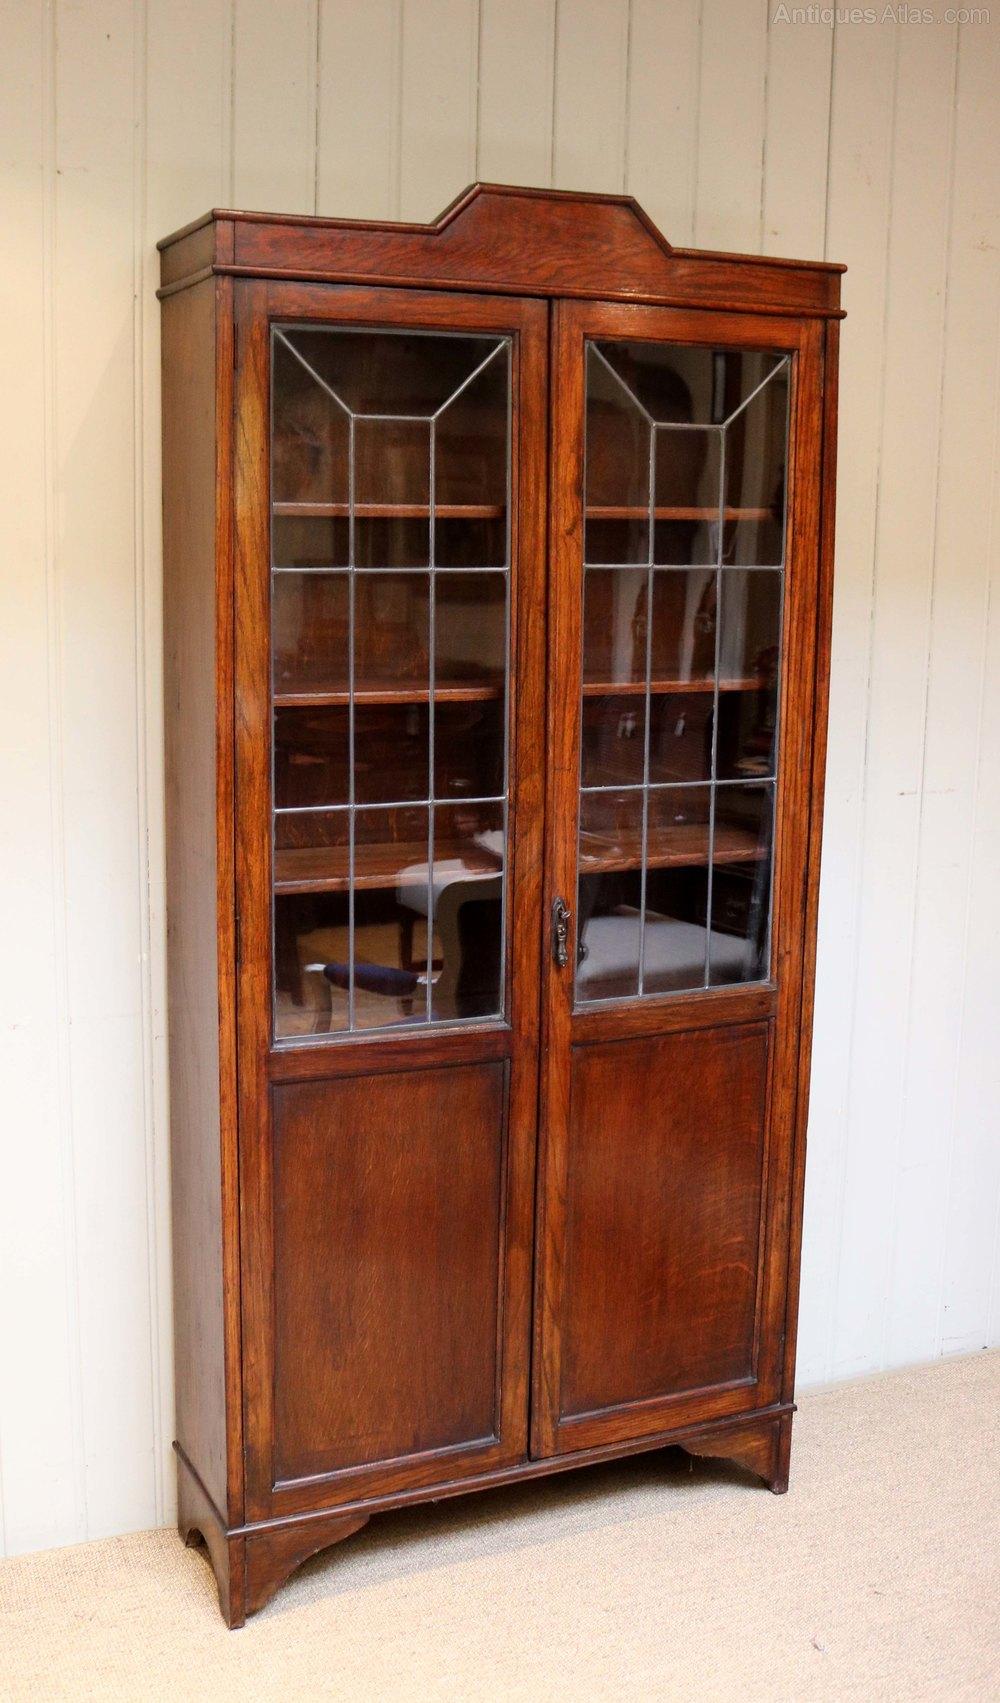 Oak Art Deco Cabinet Bookcase - Antiques Atlas